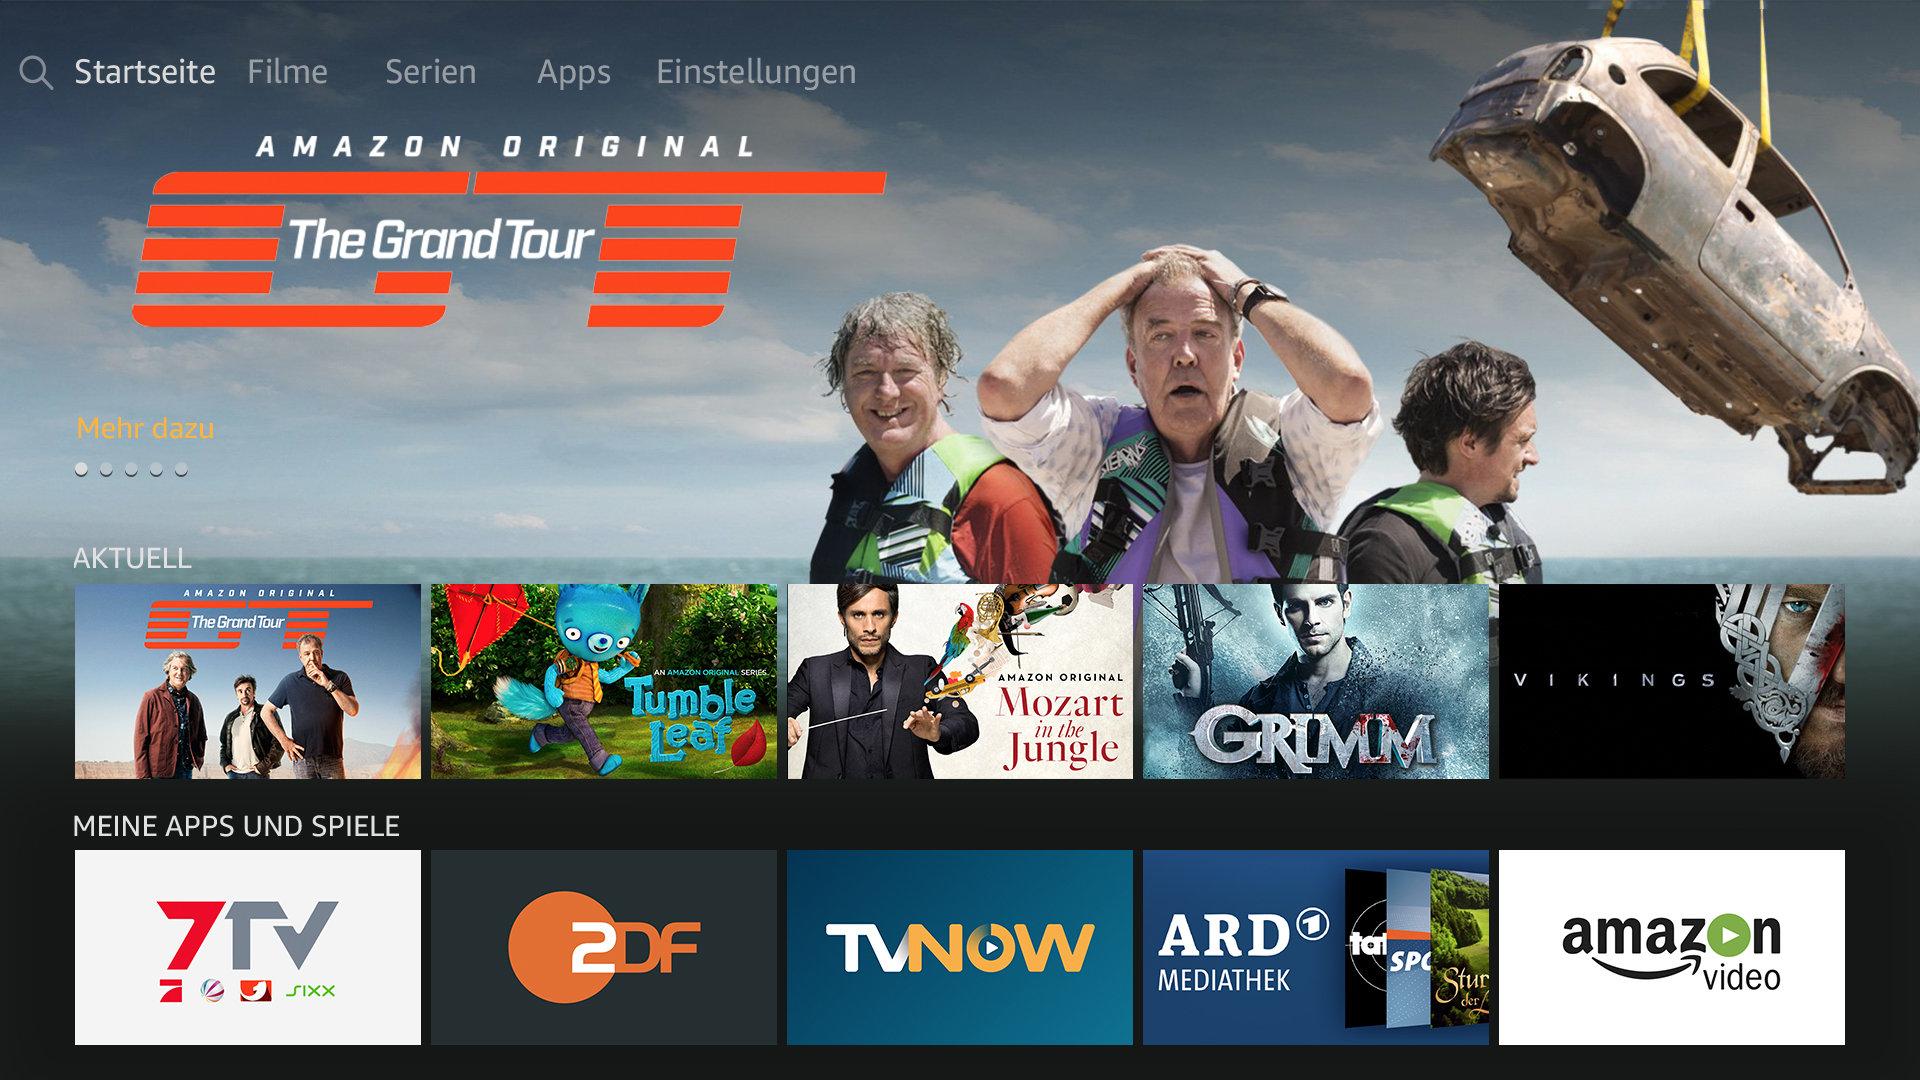 Das neue UI des zweiten Fire TV Stick kommt für alle Generationen